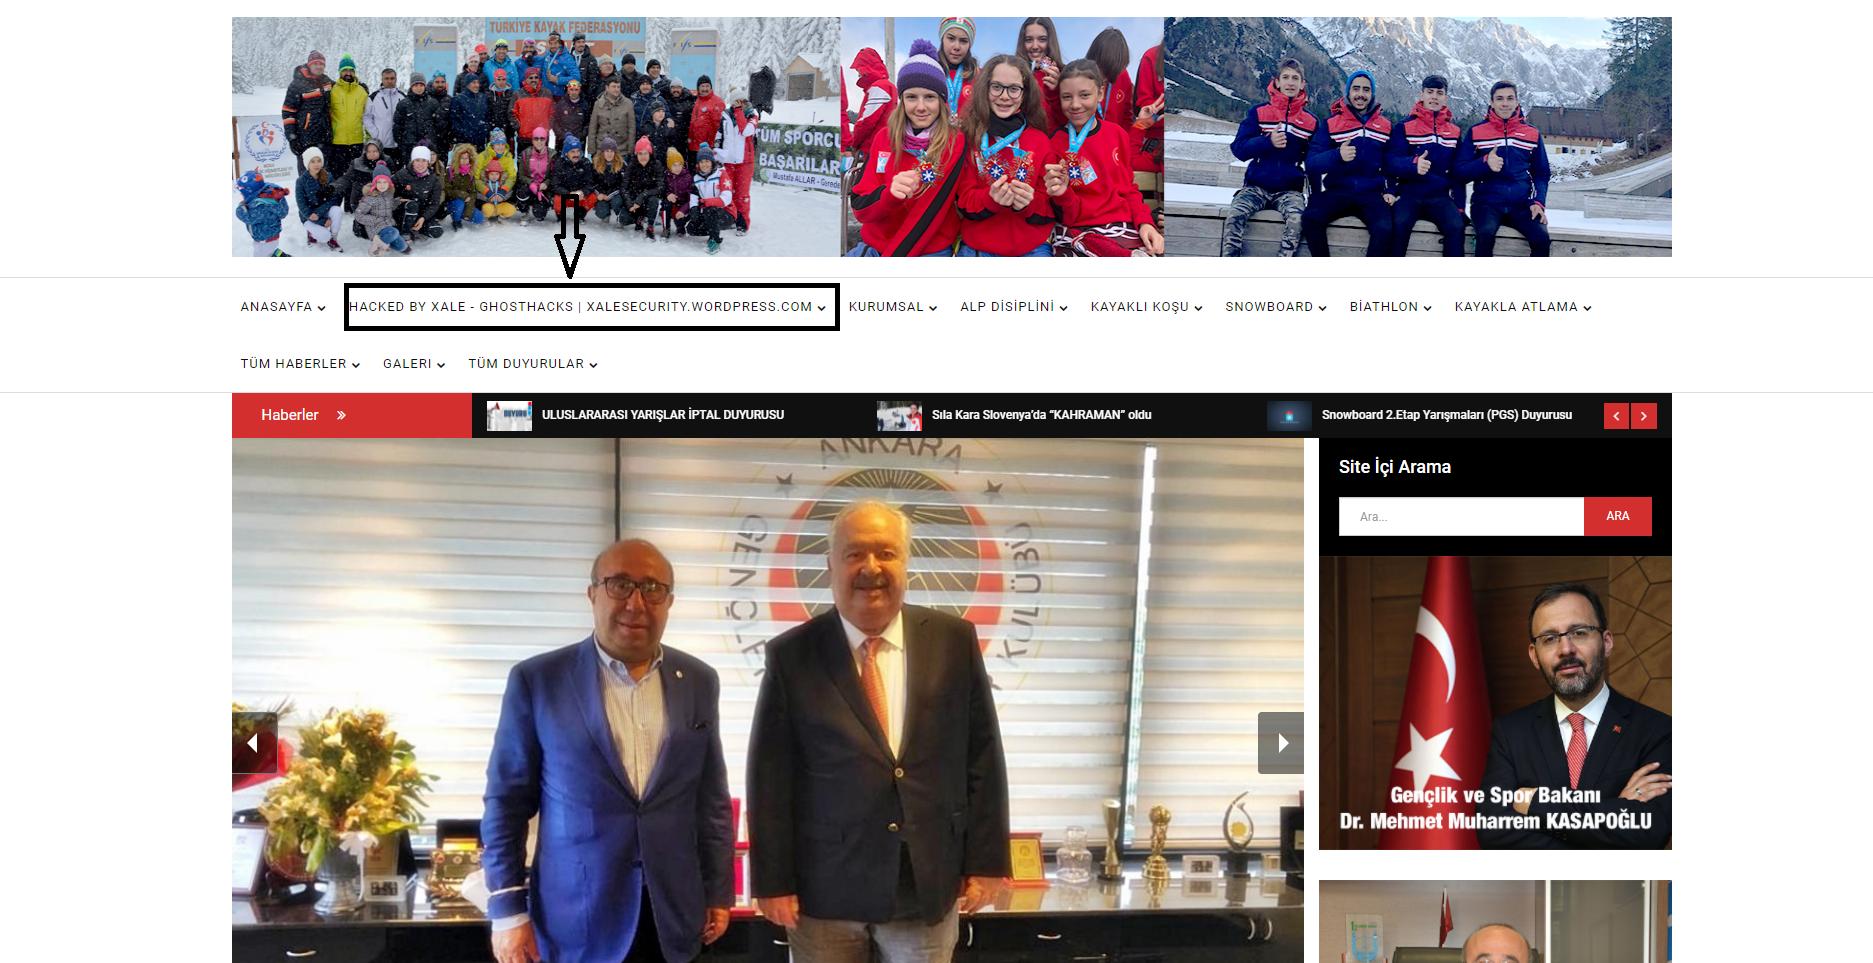 GhostHacks'in kurucusu Xale, Türkiye Kayak Federasyonu'nun internet sitesini hackledi